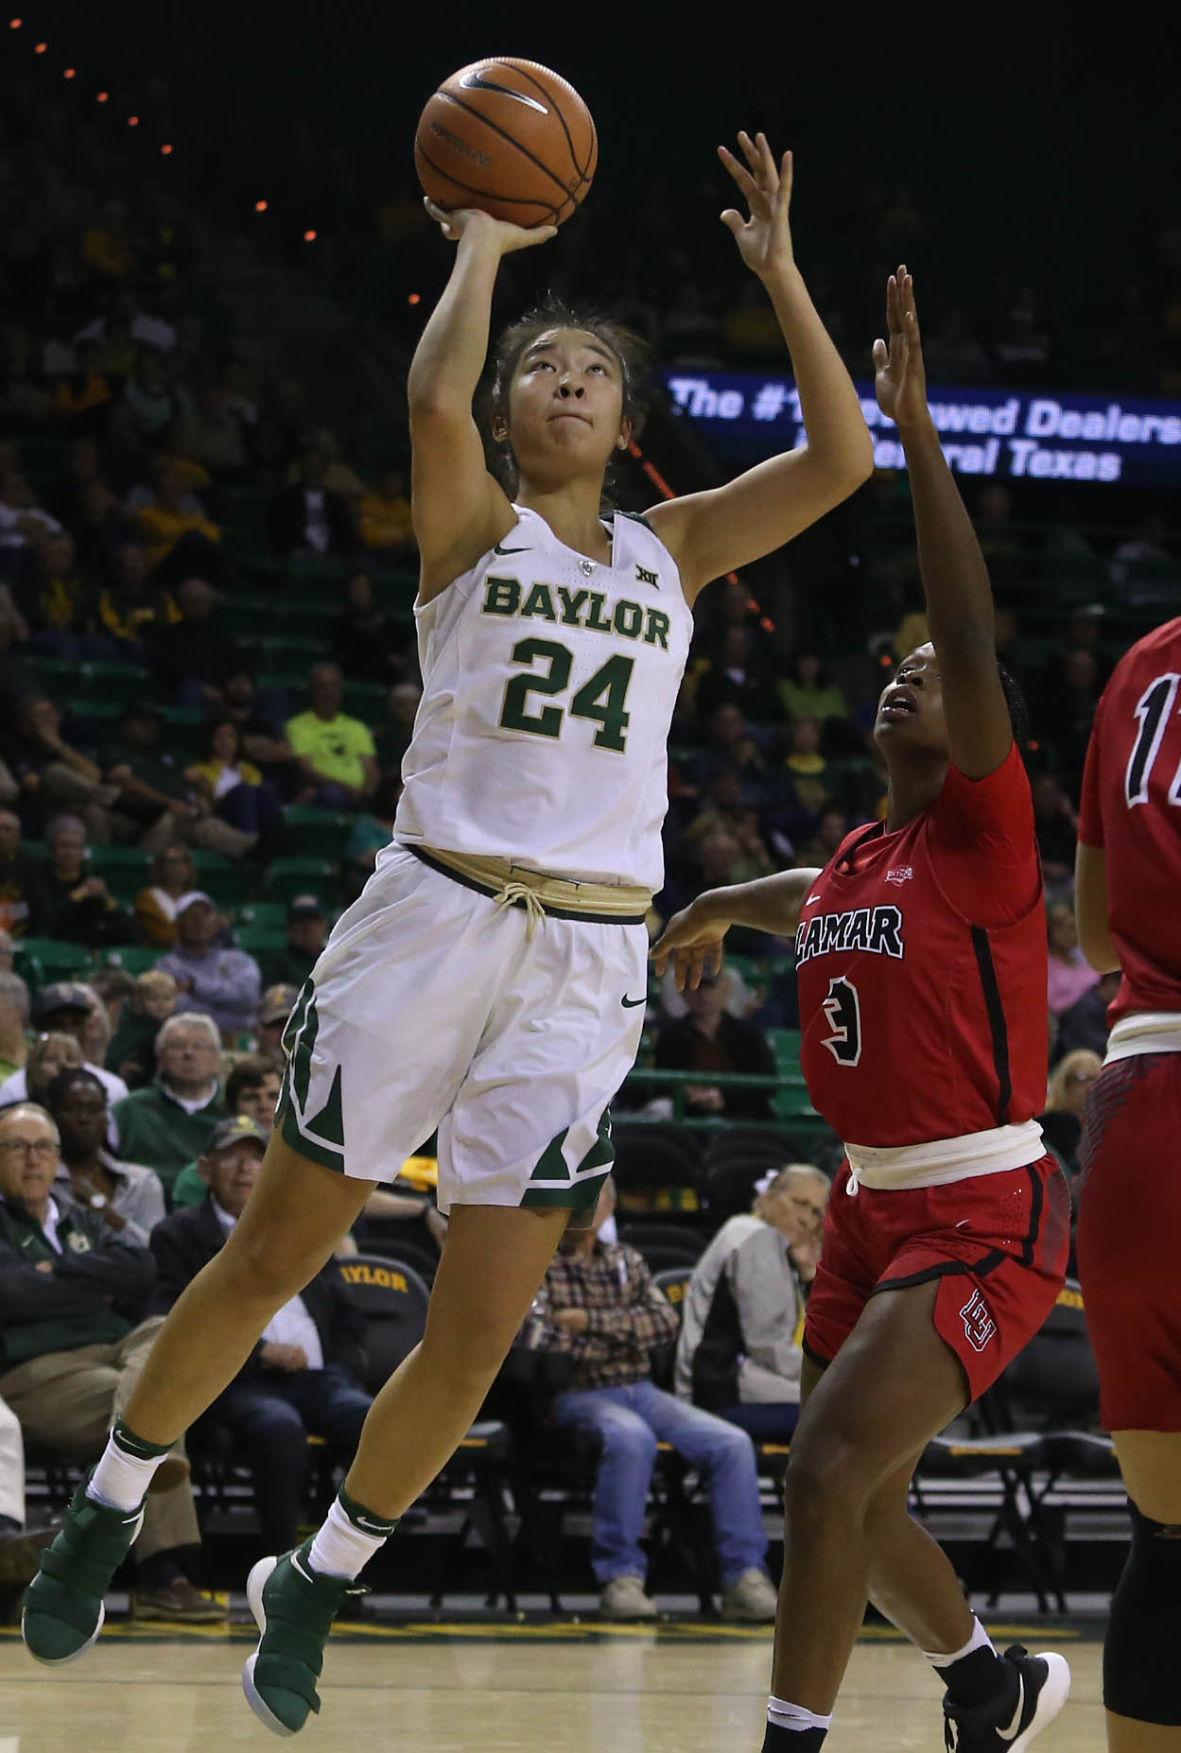 Lamar Baylor Basketball